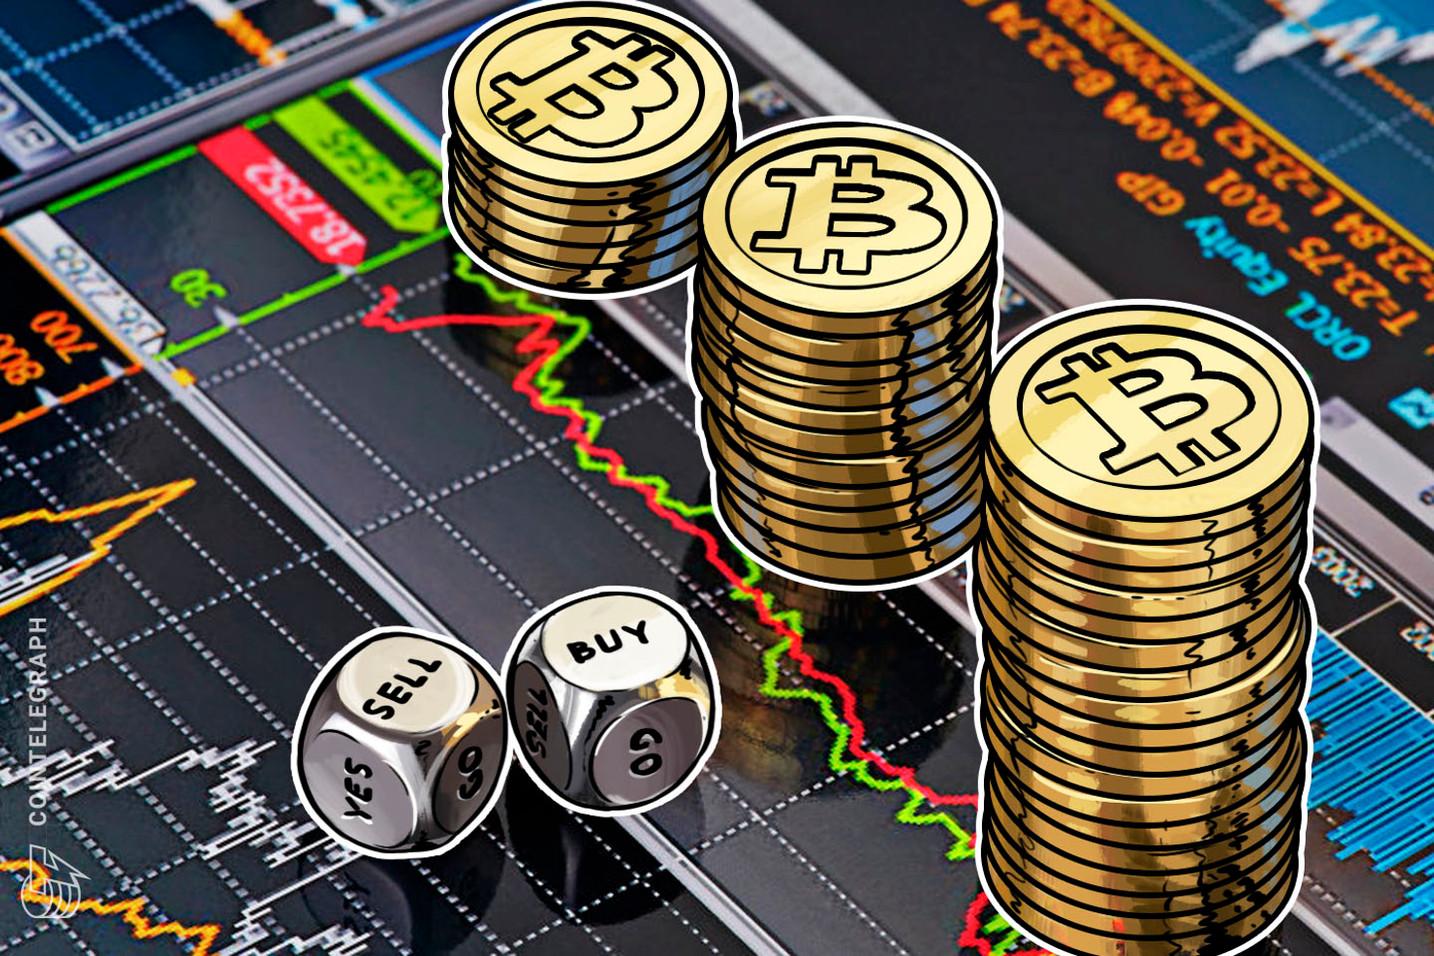 仮想通貨ビットコイン、3ヶ月ぶりの「強気レジーム」に=分析企業グラスノード